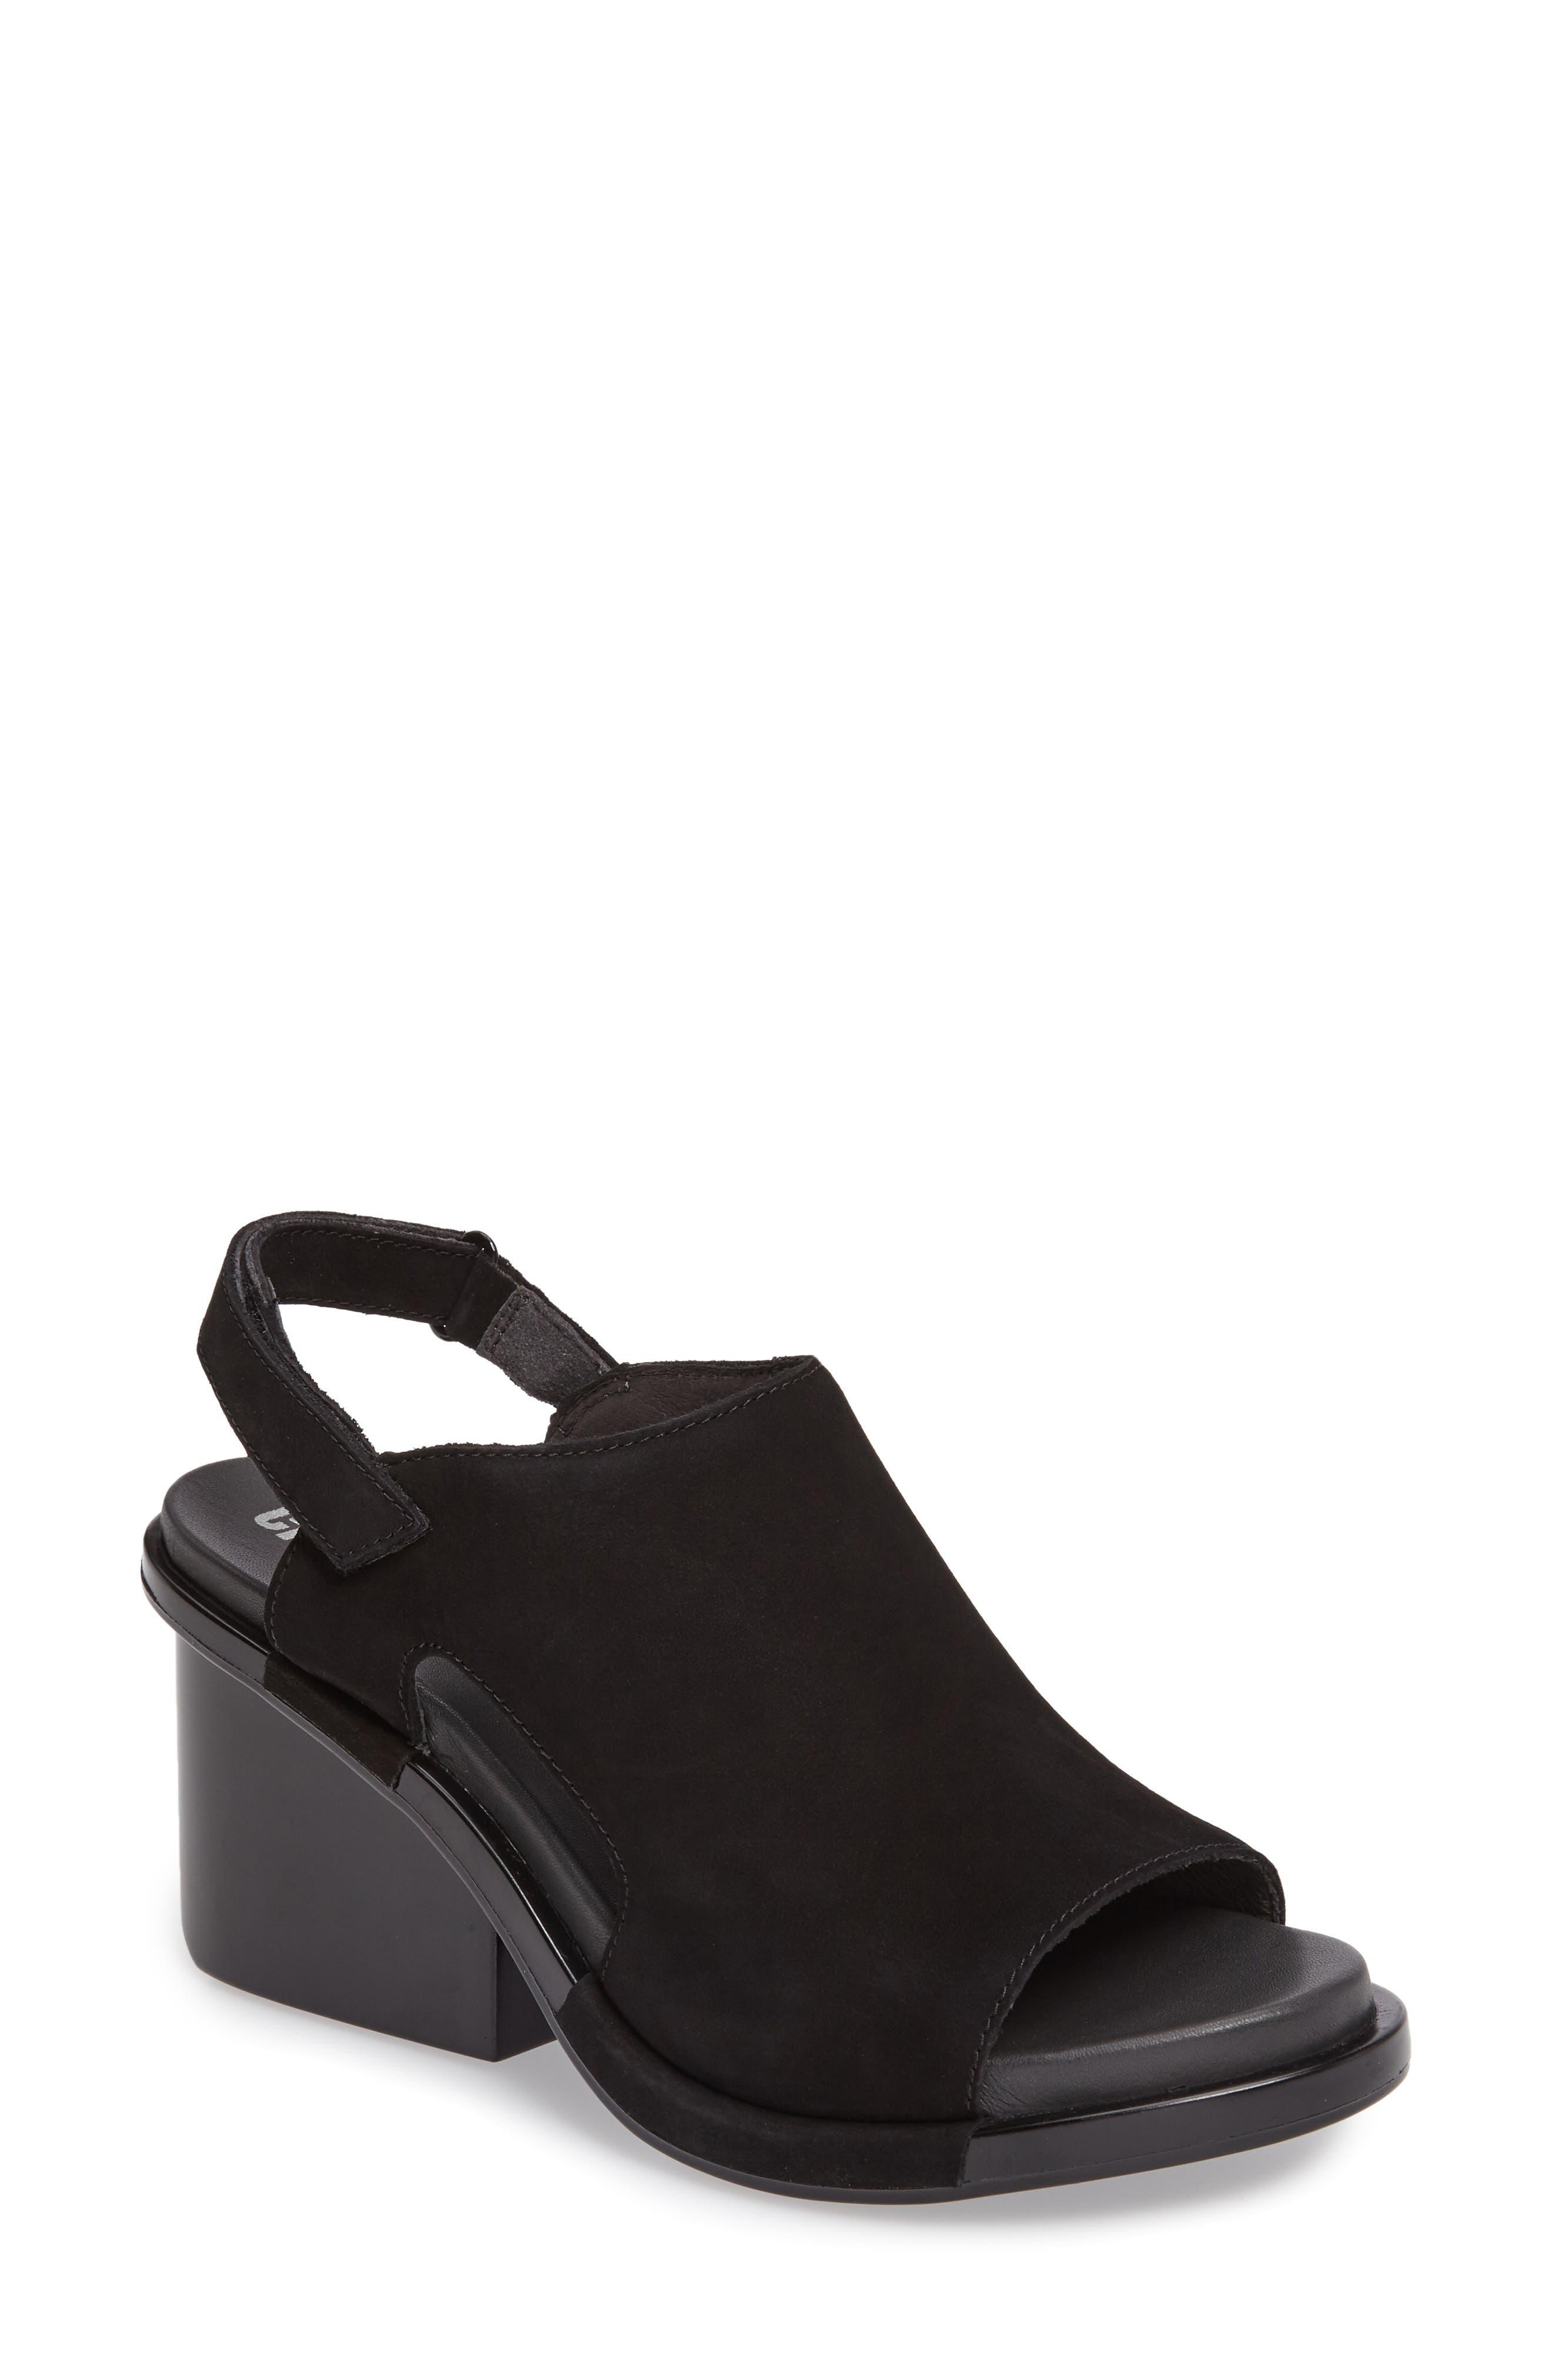 Ivy Slingback Sandal,                         Main,                         color, BLACK LEATHER